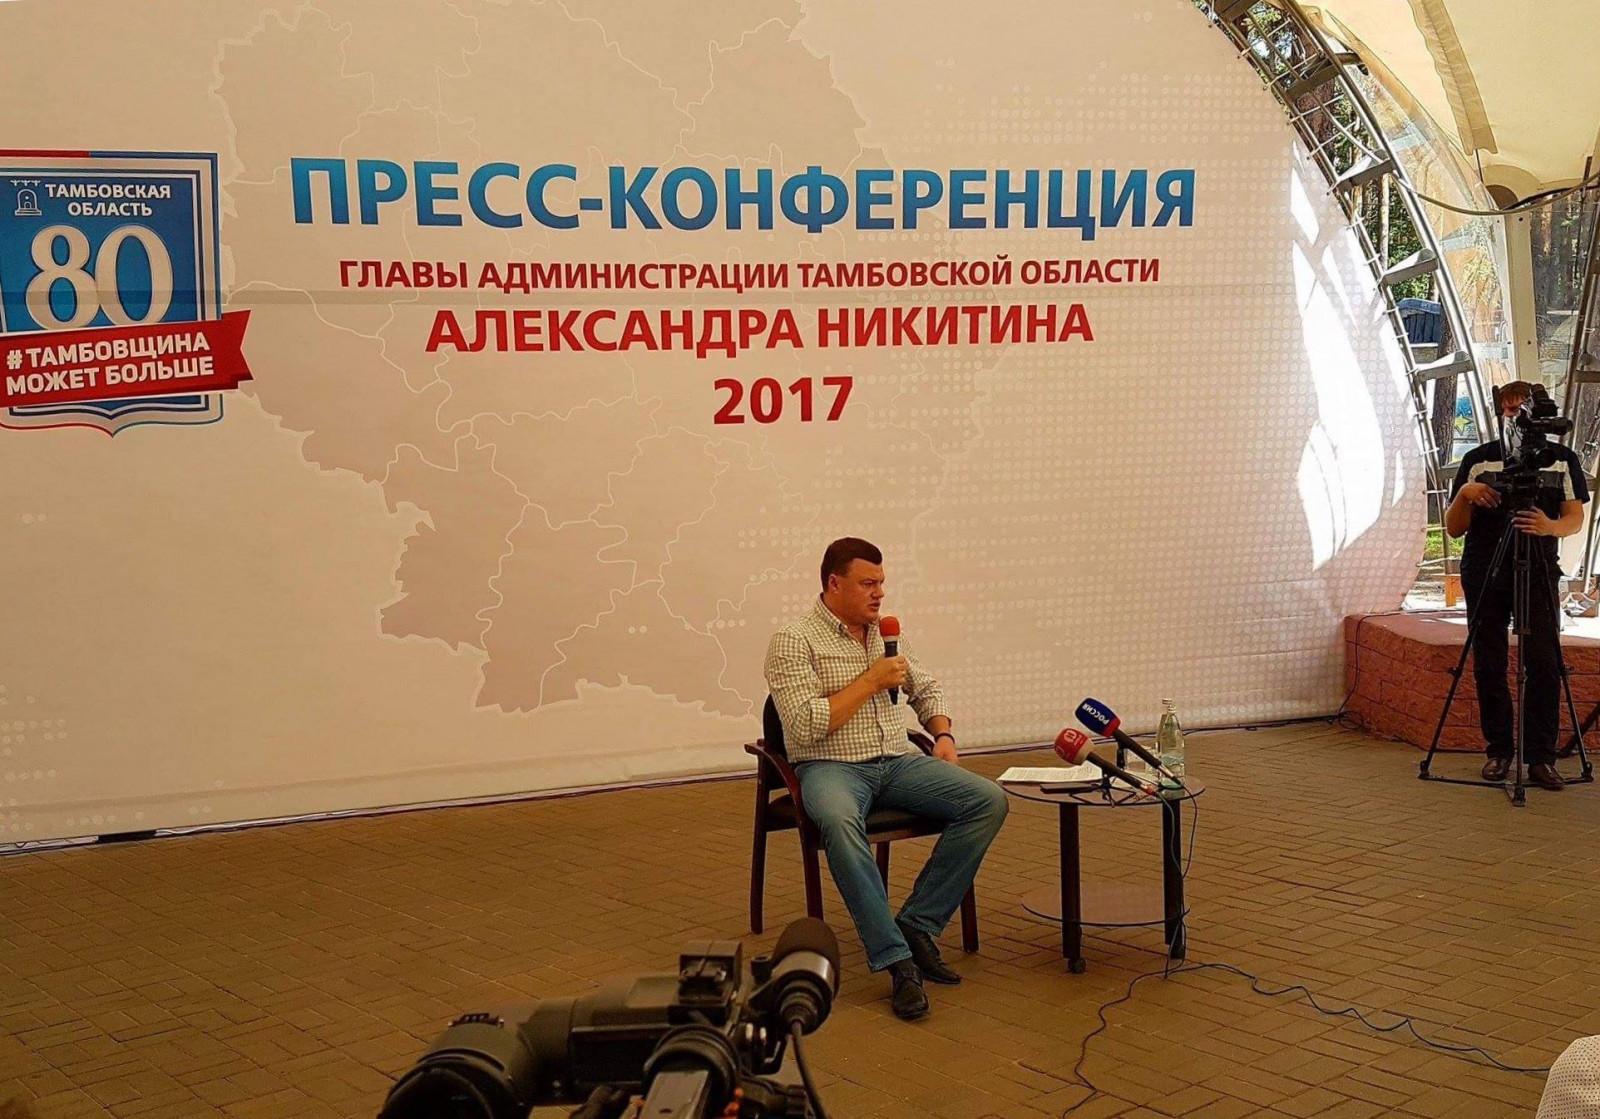 Александр Никитин: «Развивая Тамбов, мы не забываем про другие территории»